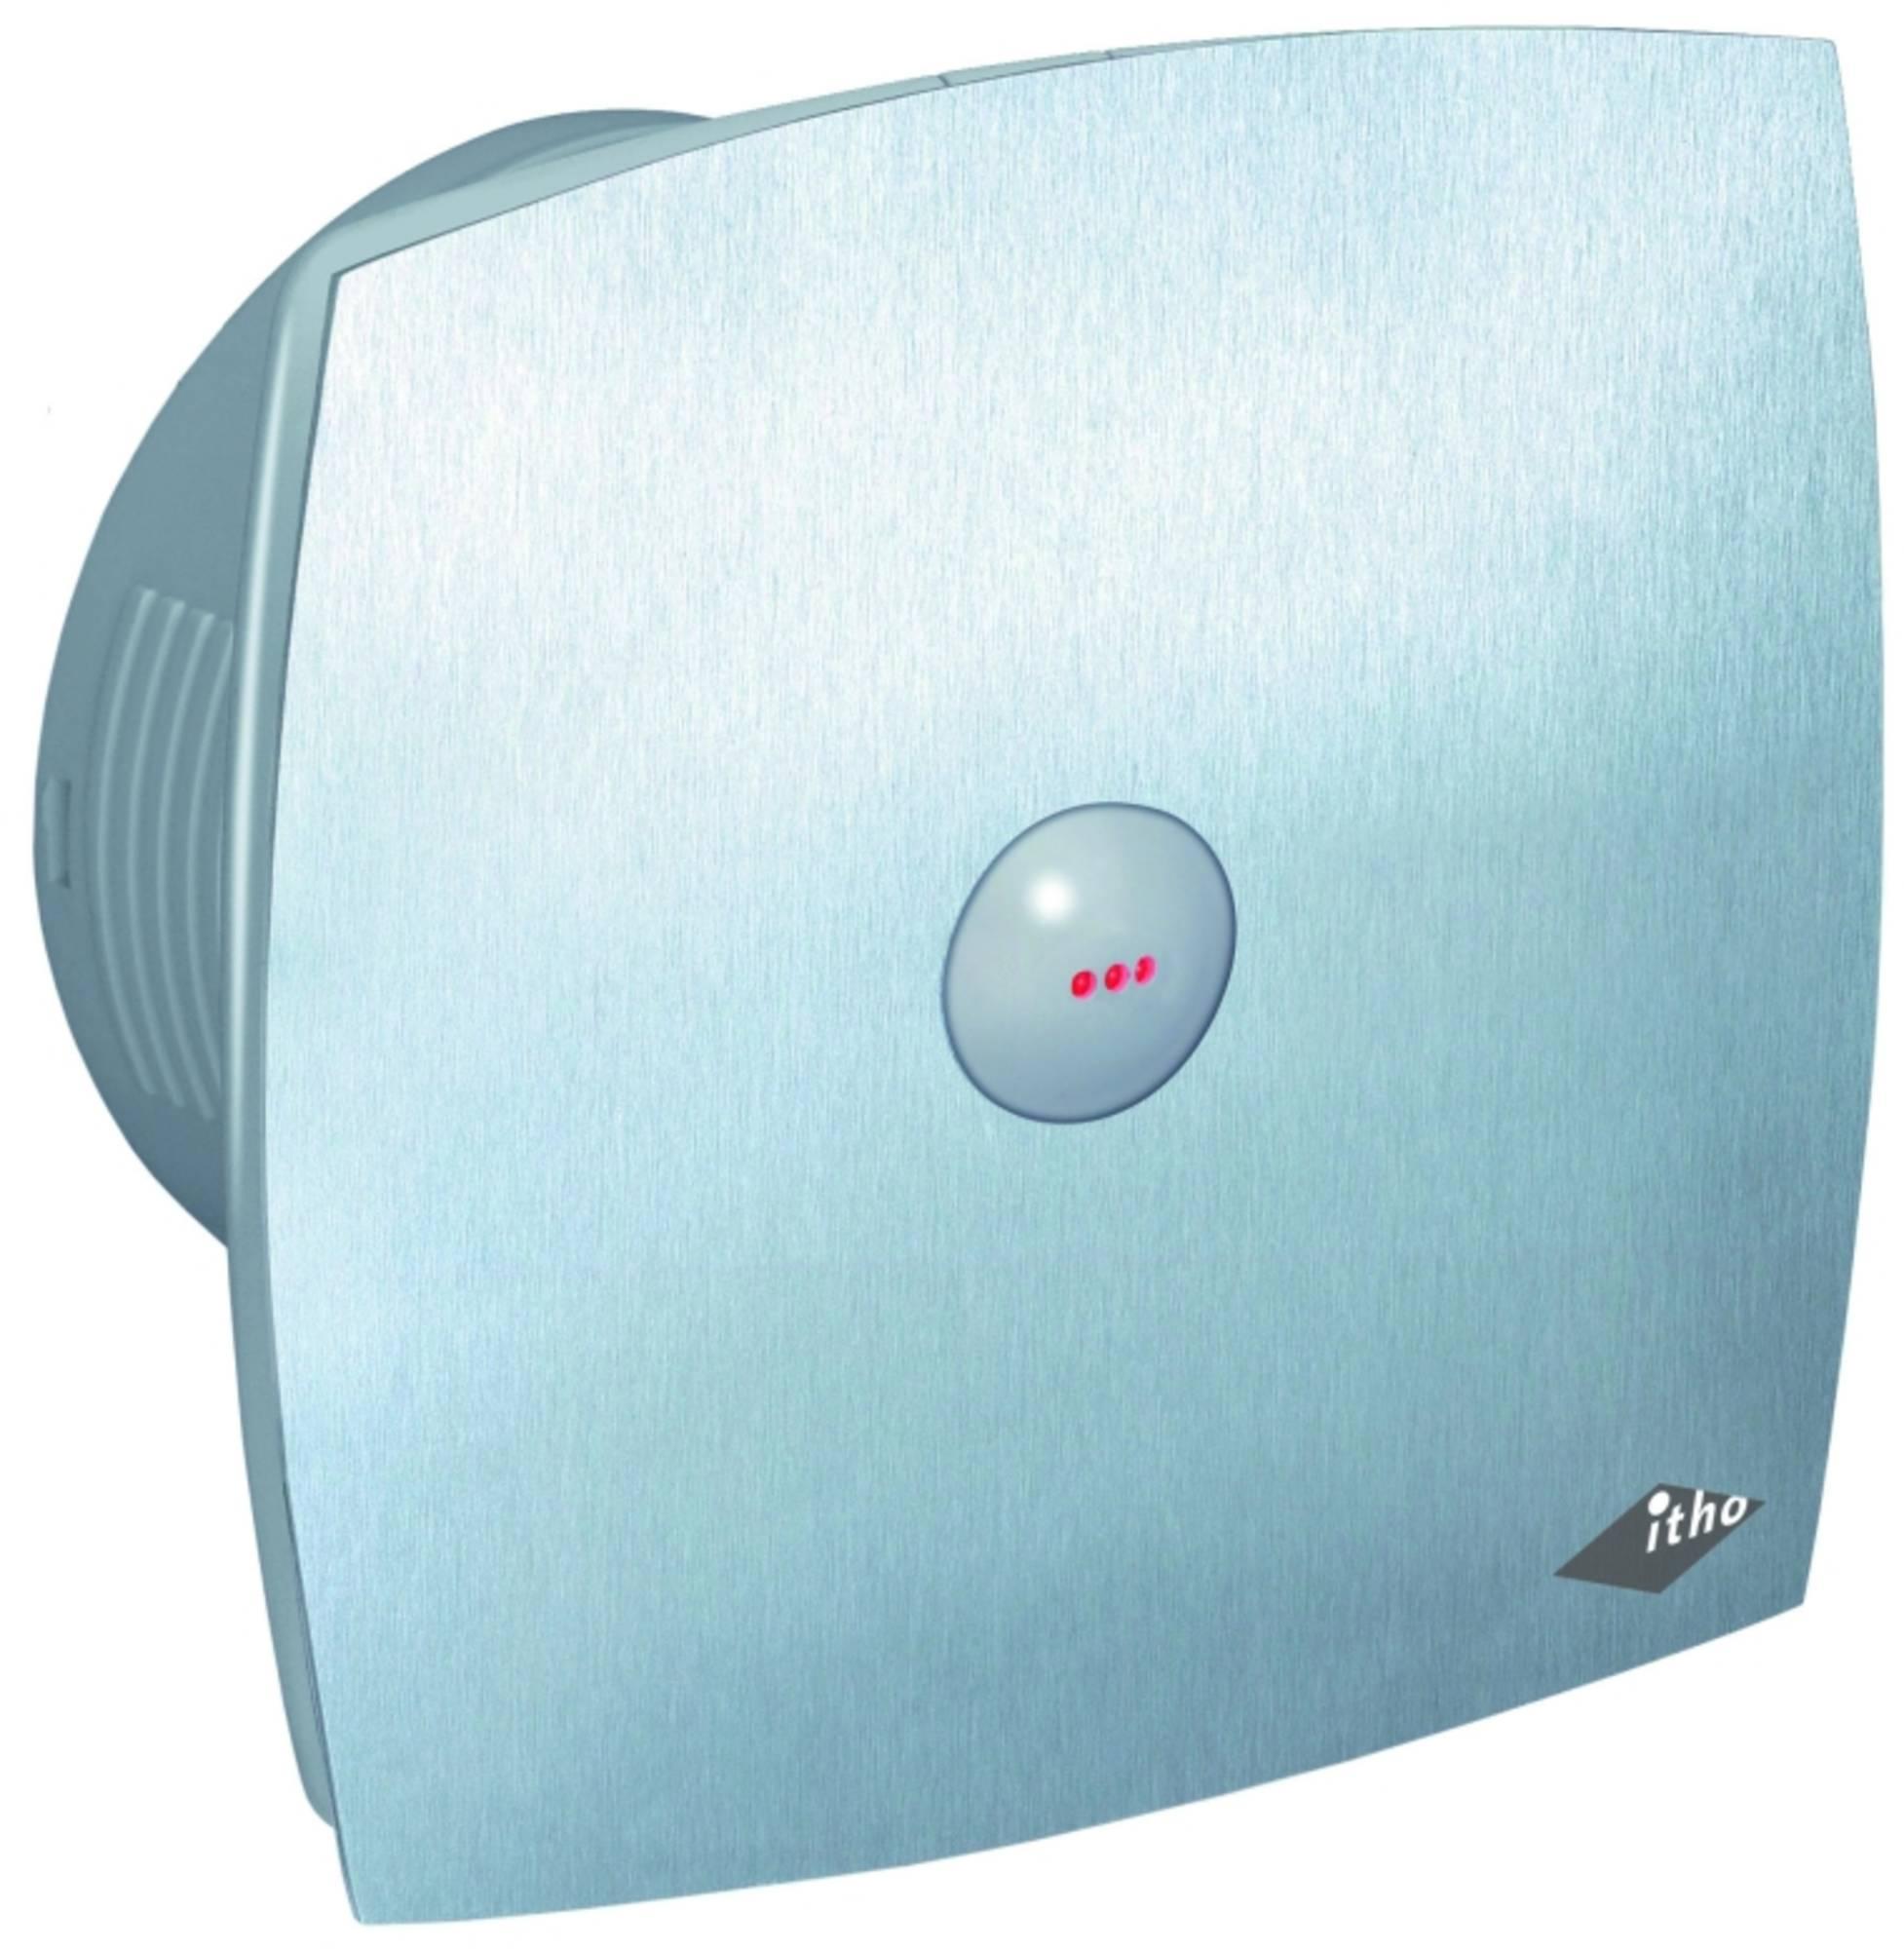 ITHO BTV 400 kanaalventilator aan-uit WIT (3420010)